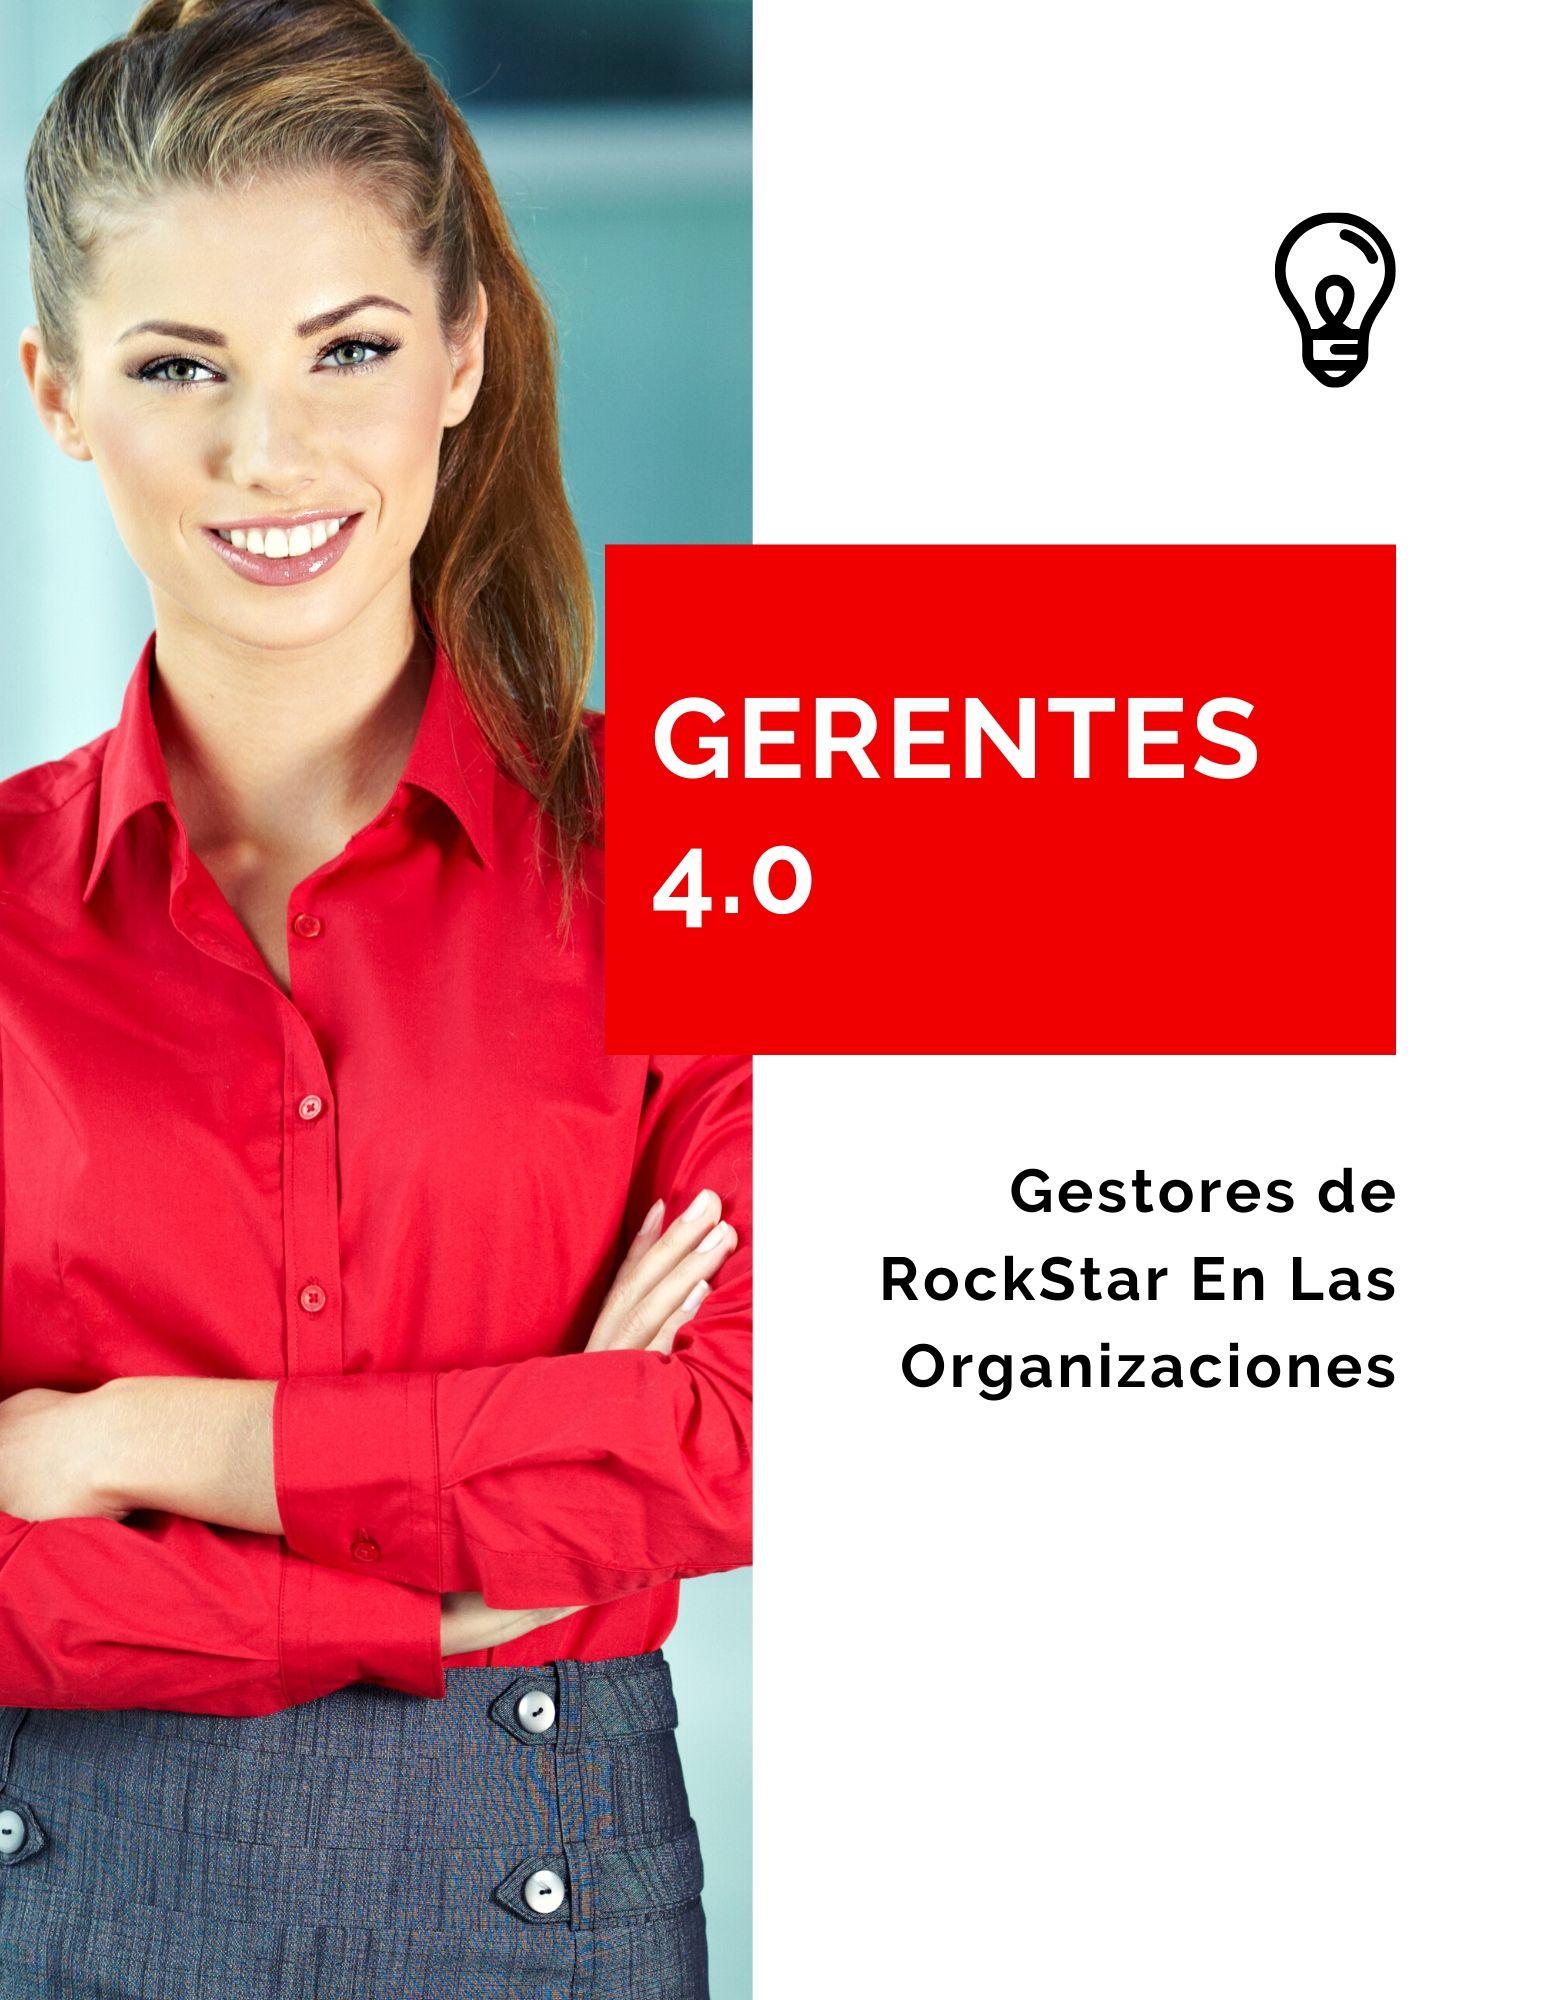 Hector Jimenez - 21 - Conferencia Gerentes 4.0 2020